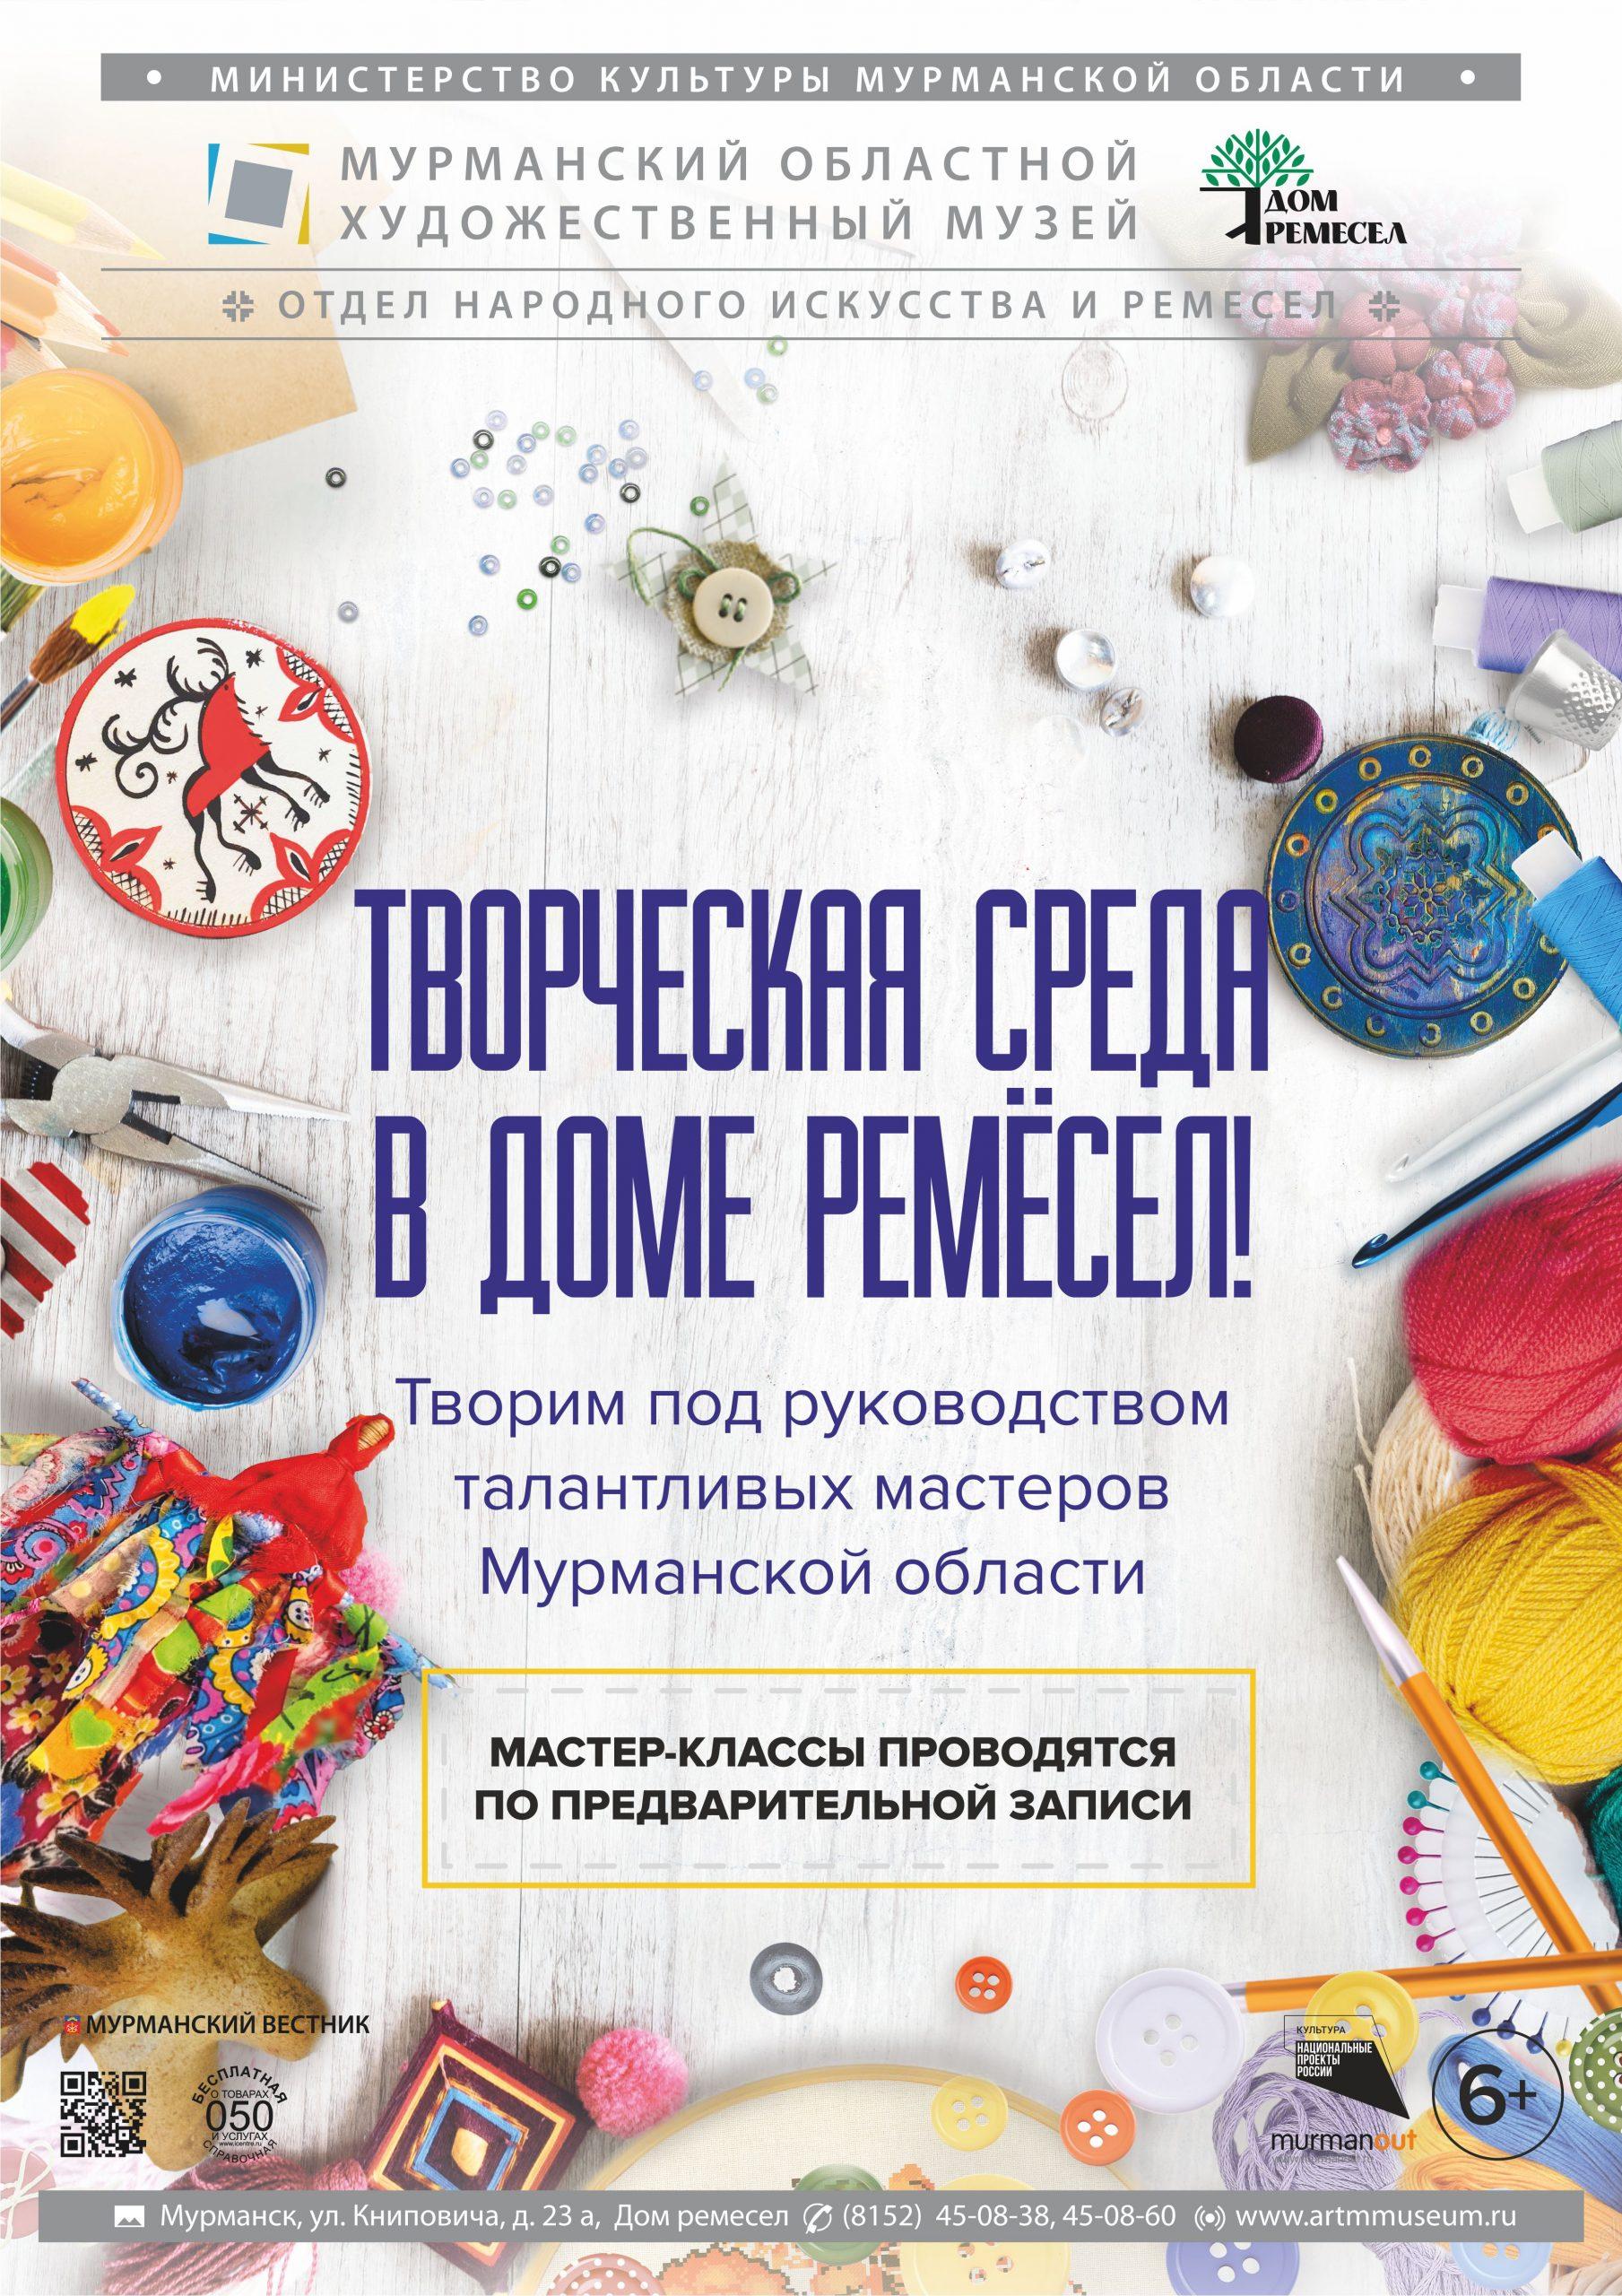 Творческая среда в Доме ремёсел! 13.10